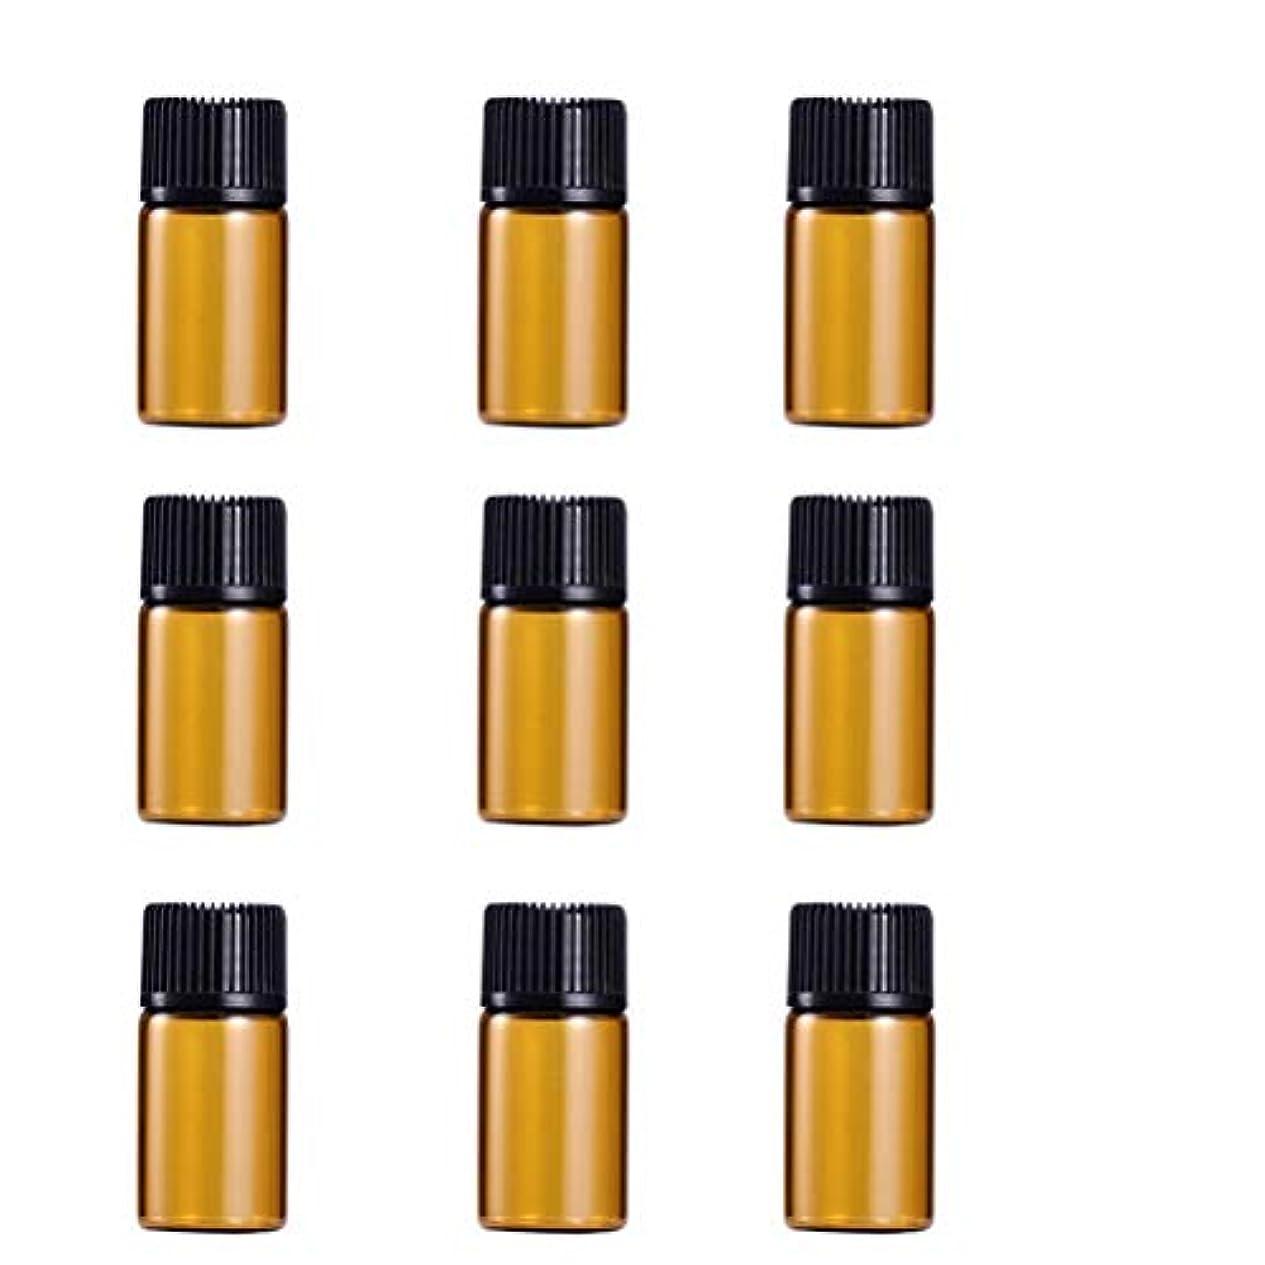 プールテラス敵意WINOMO 遮光瓶 アロマオイル 精油 小分け用 遮光瓶セット アロマボトル 保存容器 エッセンシャルオイル 香水 保存用 詰替え ガラス 茶色(9個入り 3ml)